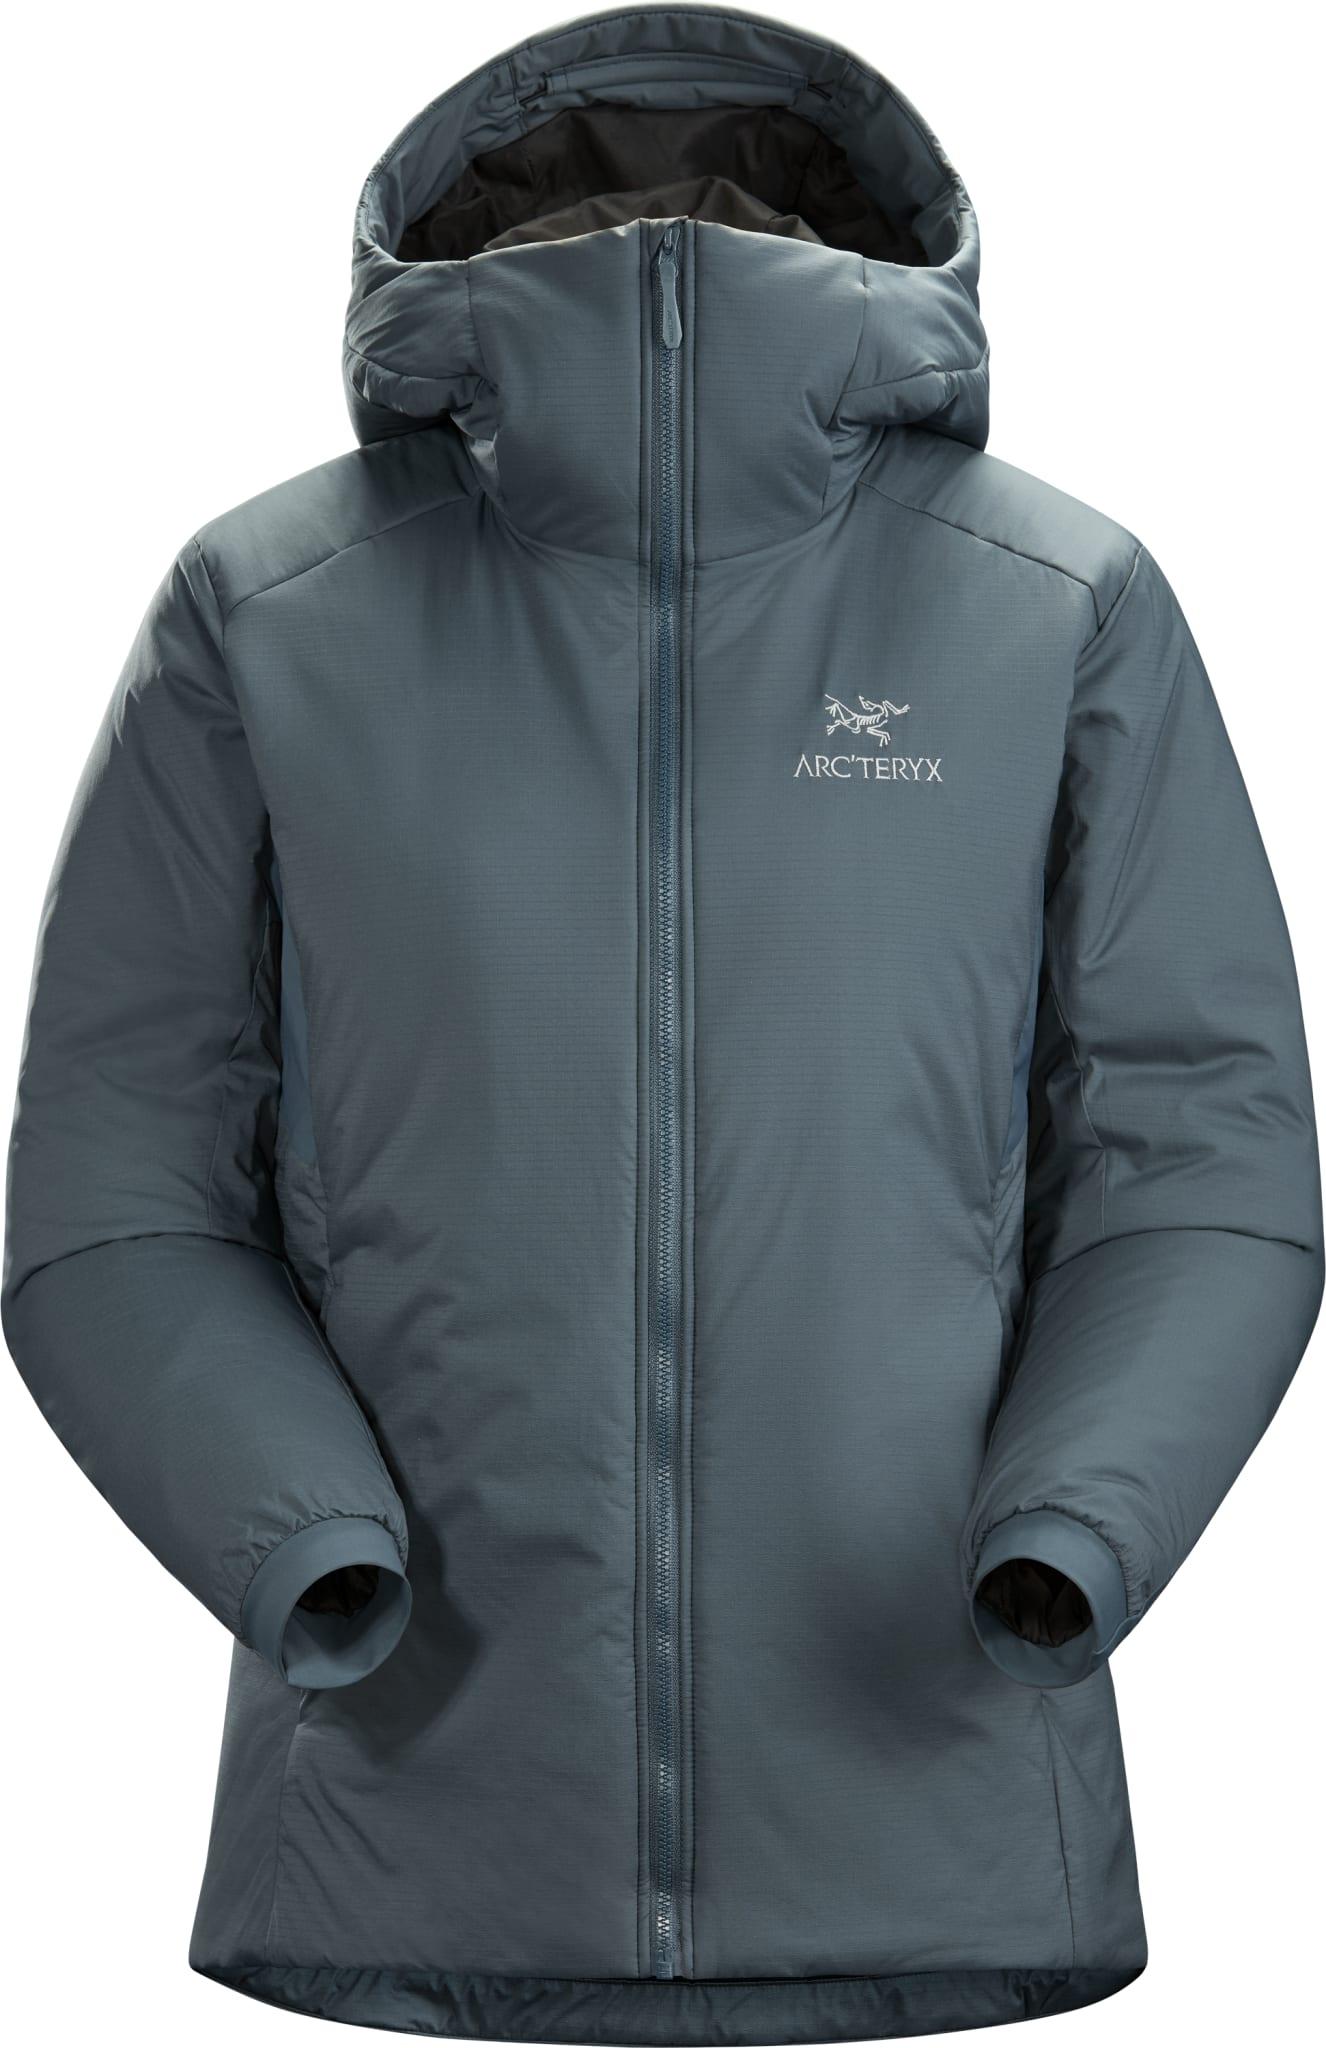 Varm, pustende og behagelig jakke med syntetisk isolasjon